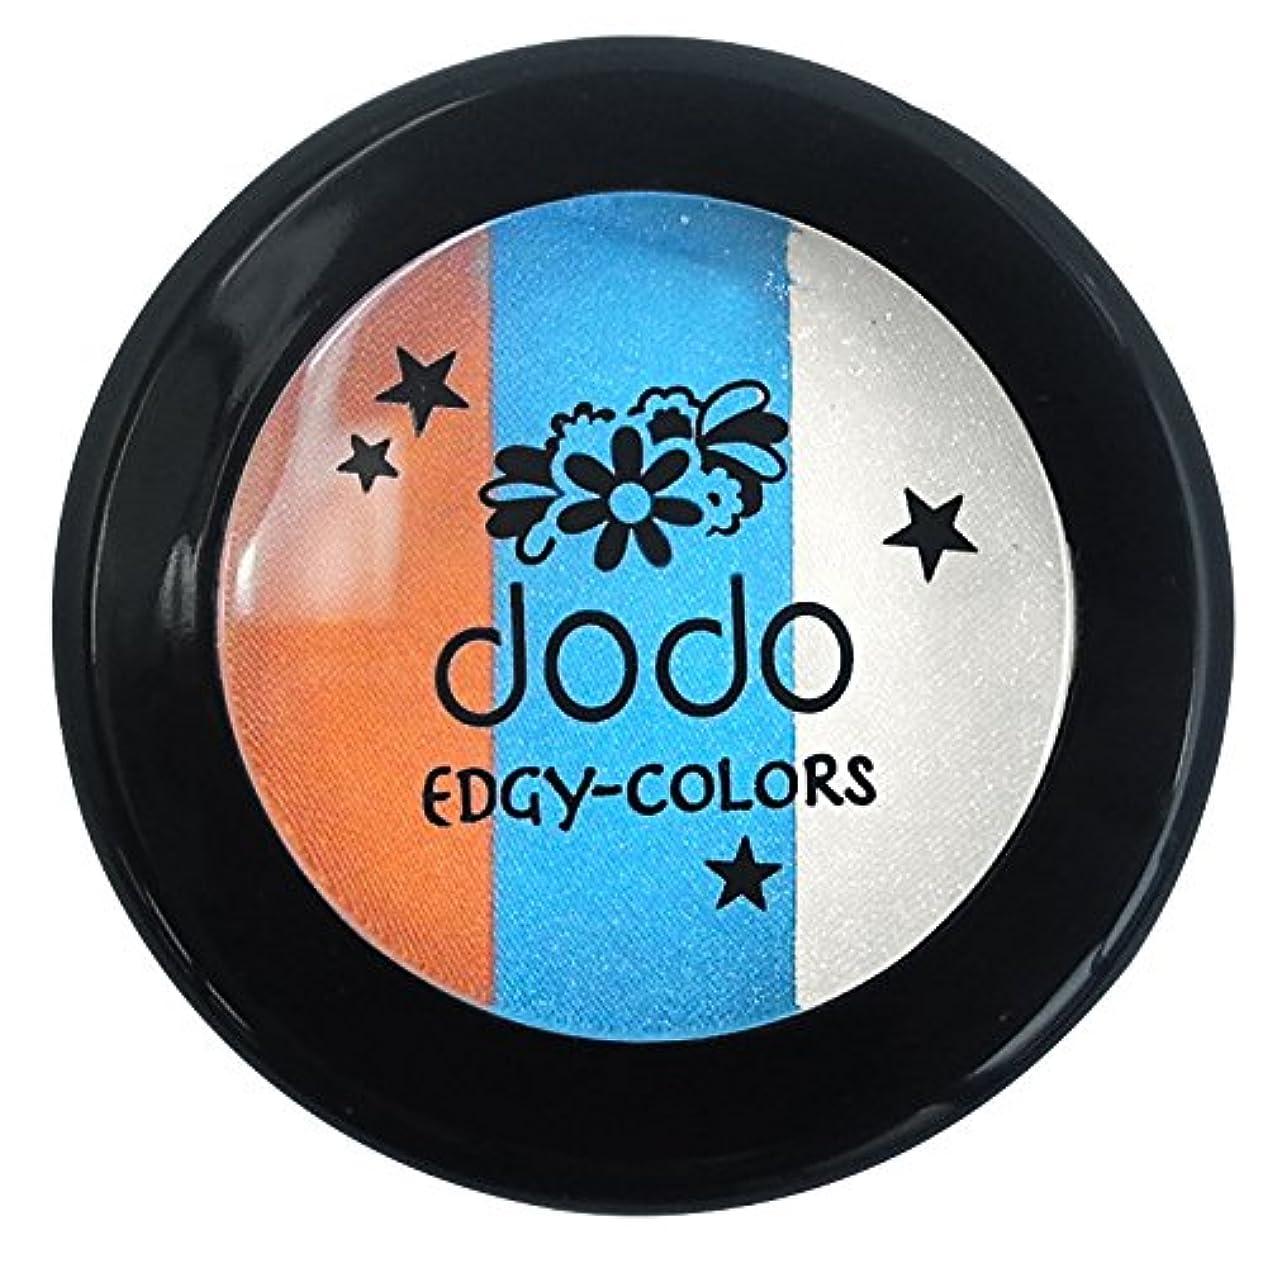 メナジェリー教選ぶドド エッジィカラーズ EC60ピーコックブルー